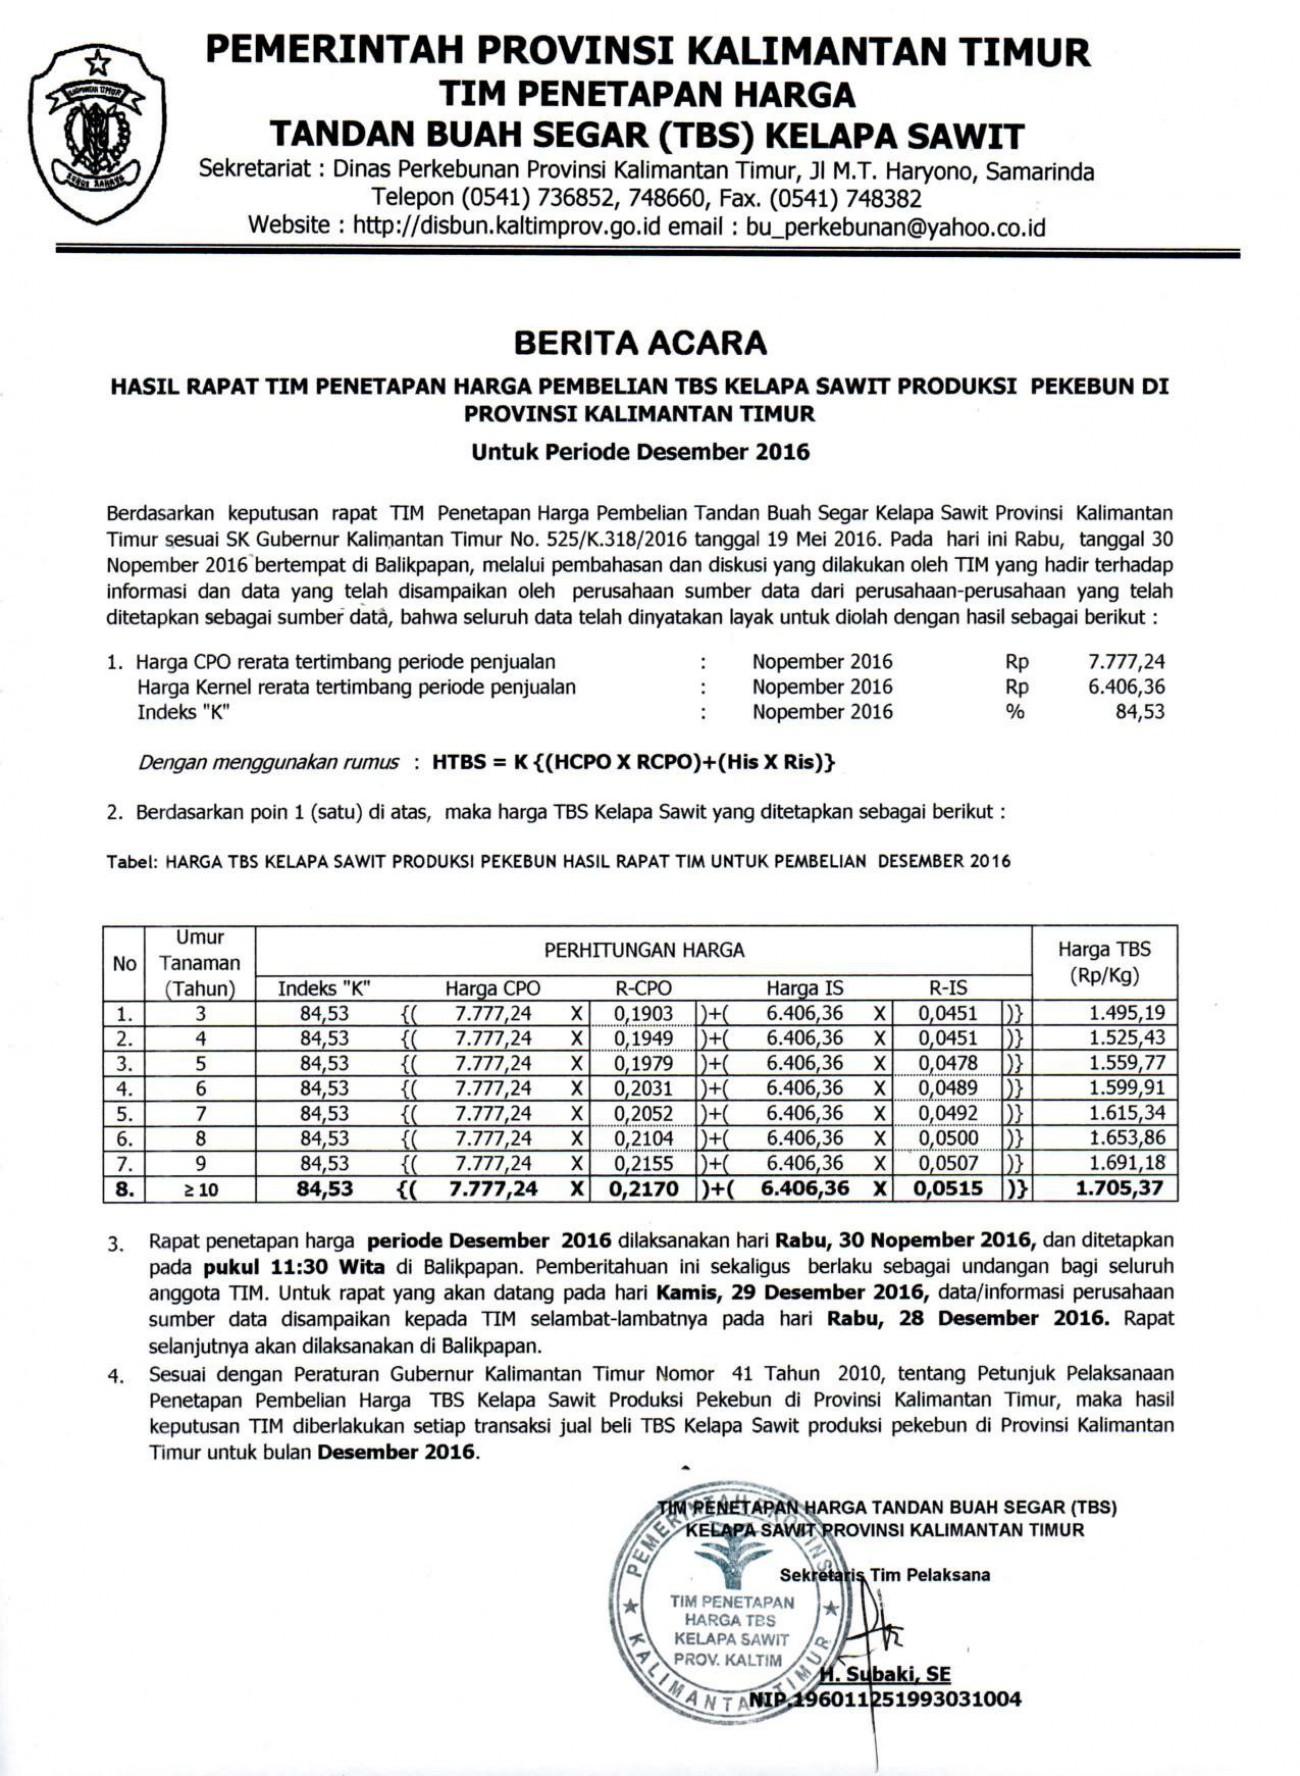 Informasi Harga TBS Kelapa Sawit Bulan Desember 2016